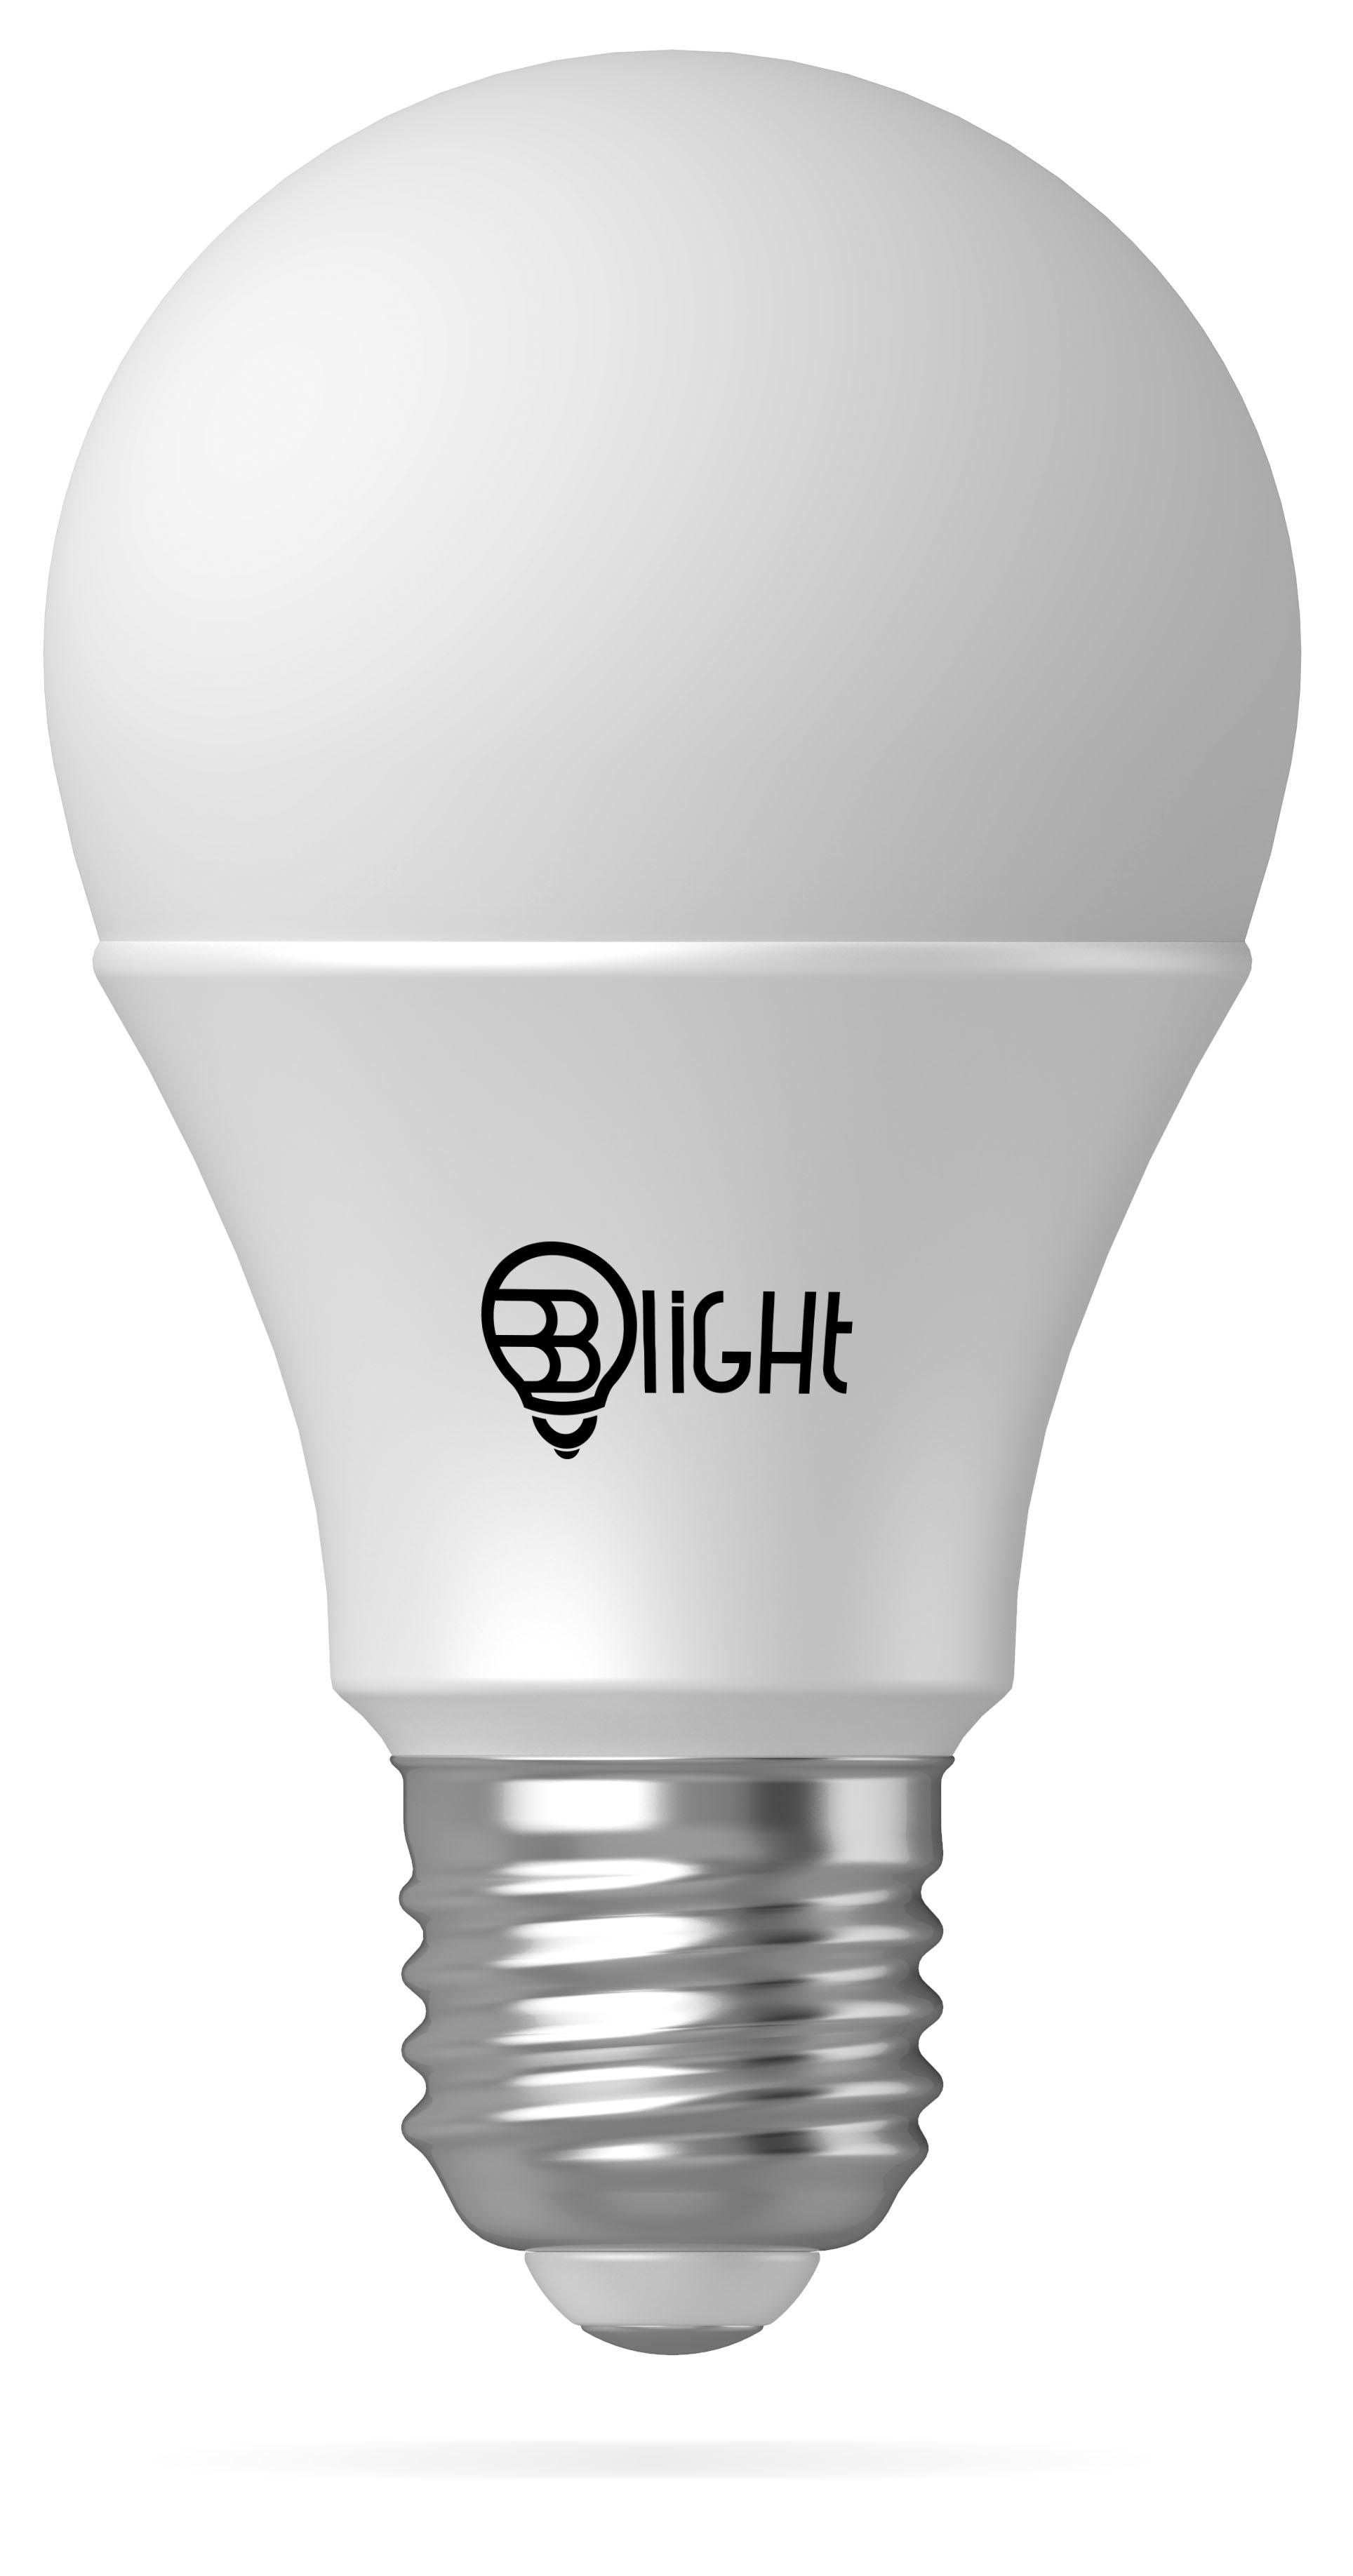 Žiarovka BLight LED, závit E27, 7 W, stmievateľná, farebná (3000 K - teplá biela, RGBW)